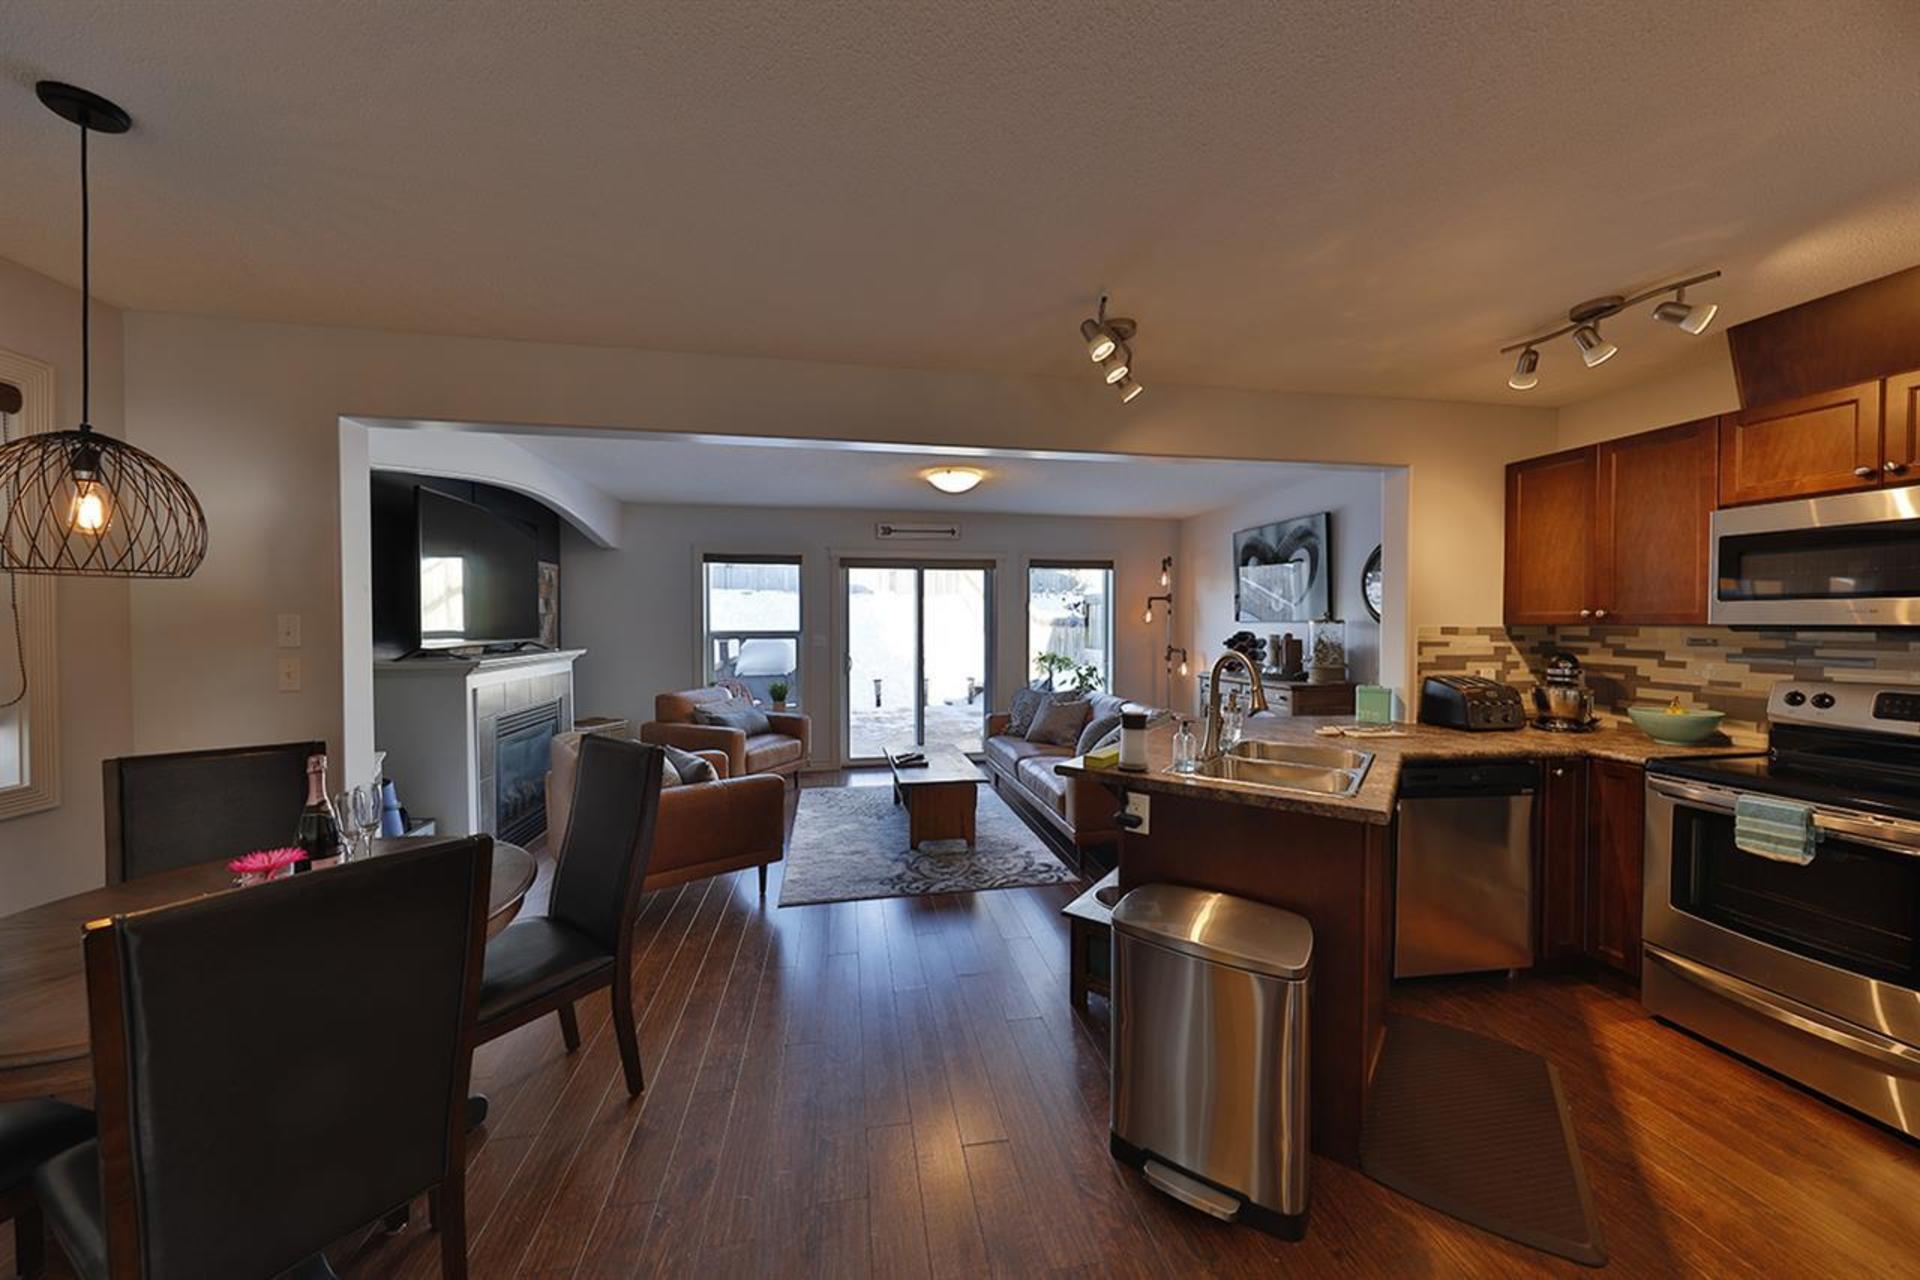 15134-33-street-kirkness-edmonton-03 at 15134 33 Street, Kirkness, Edmonton